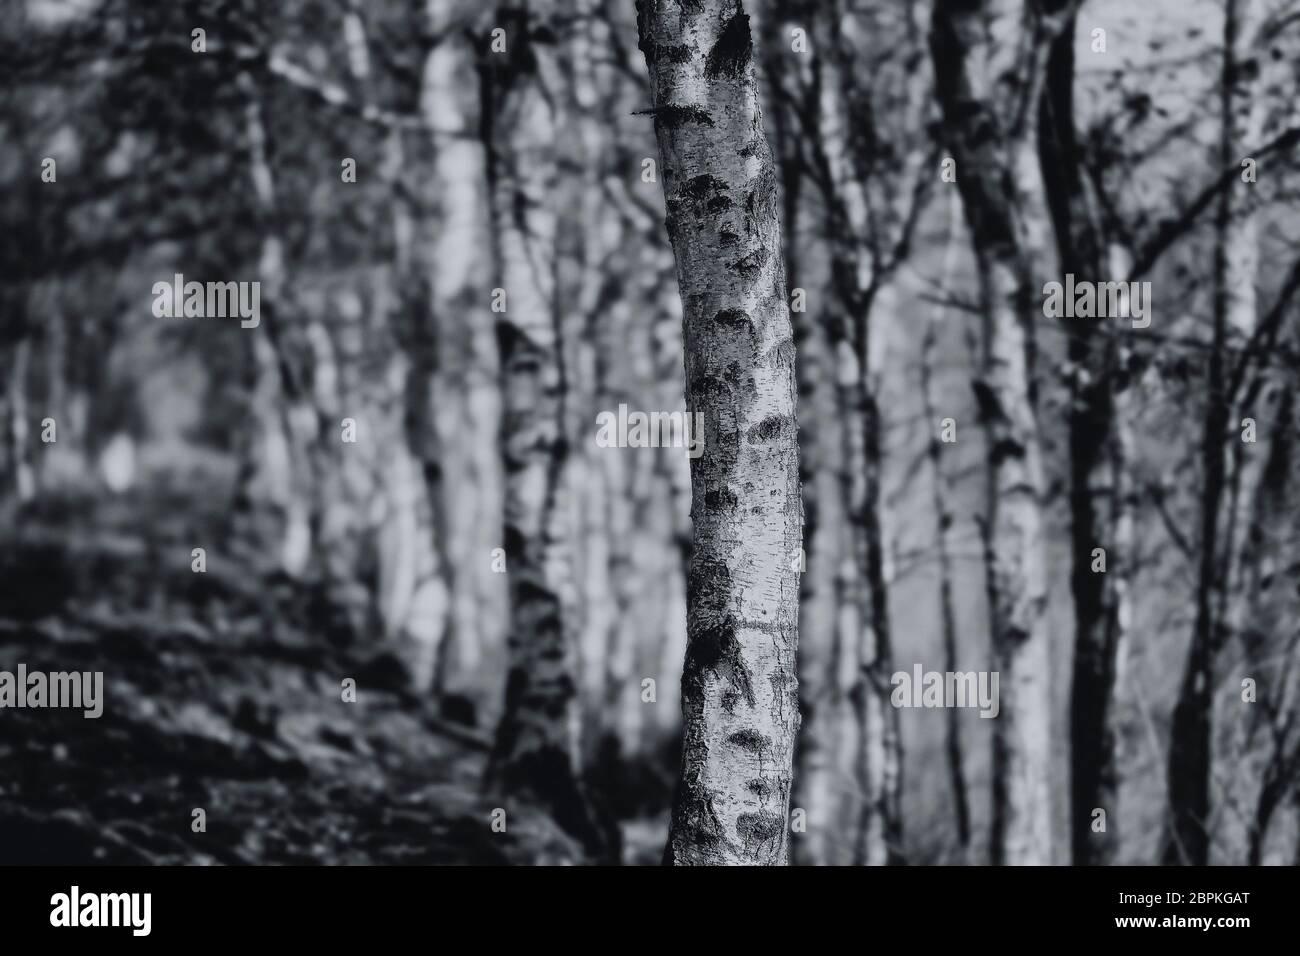 Birkenallee im Moor in einer Detailaufnahme - schwarz weiß Stock Photo